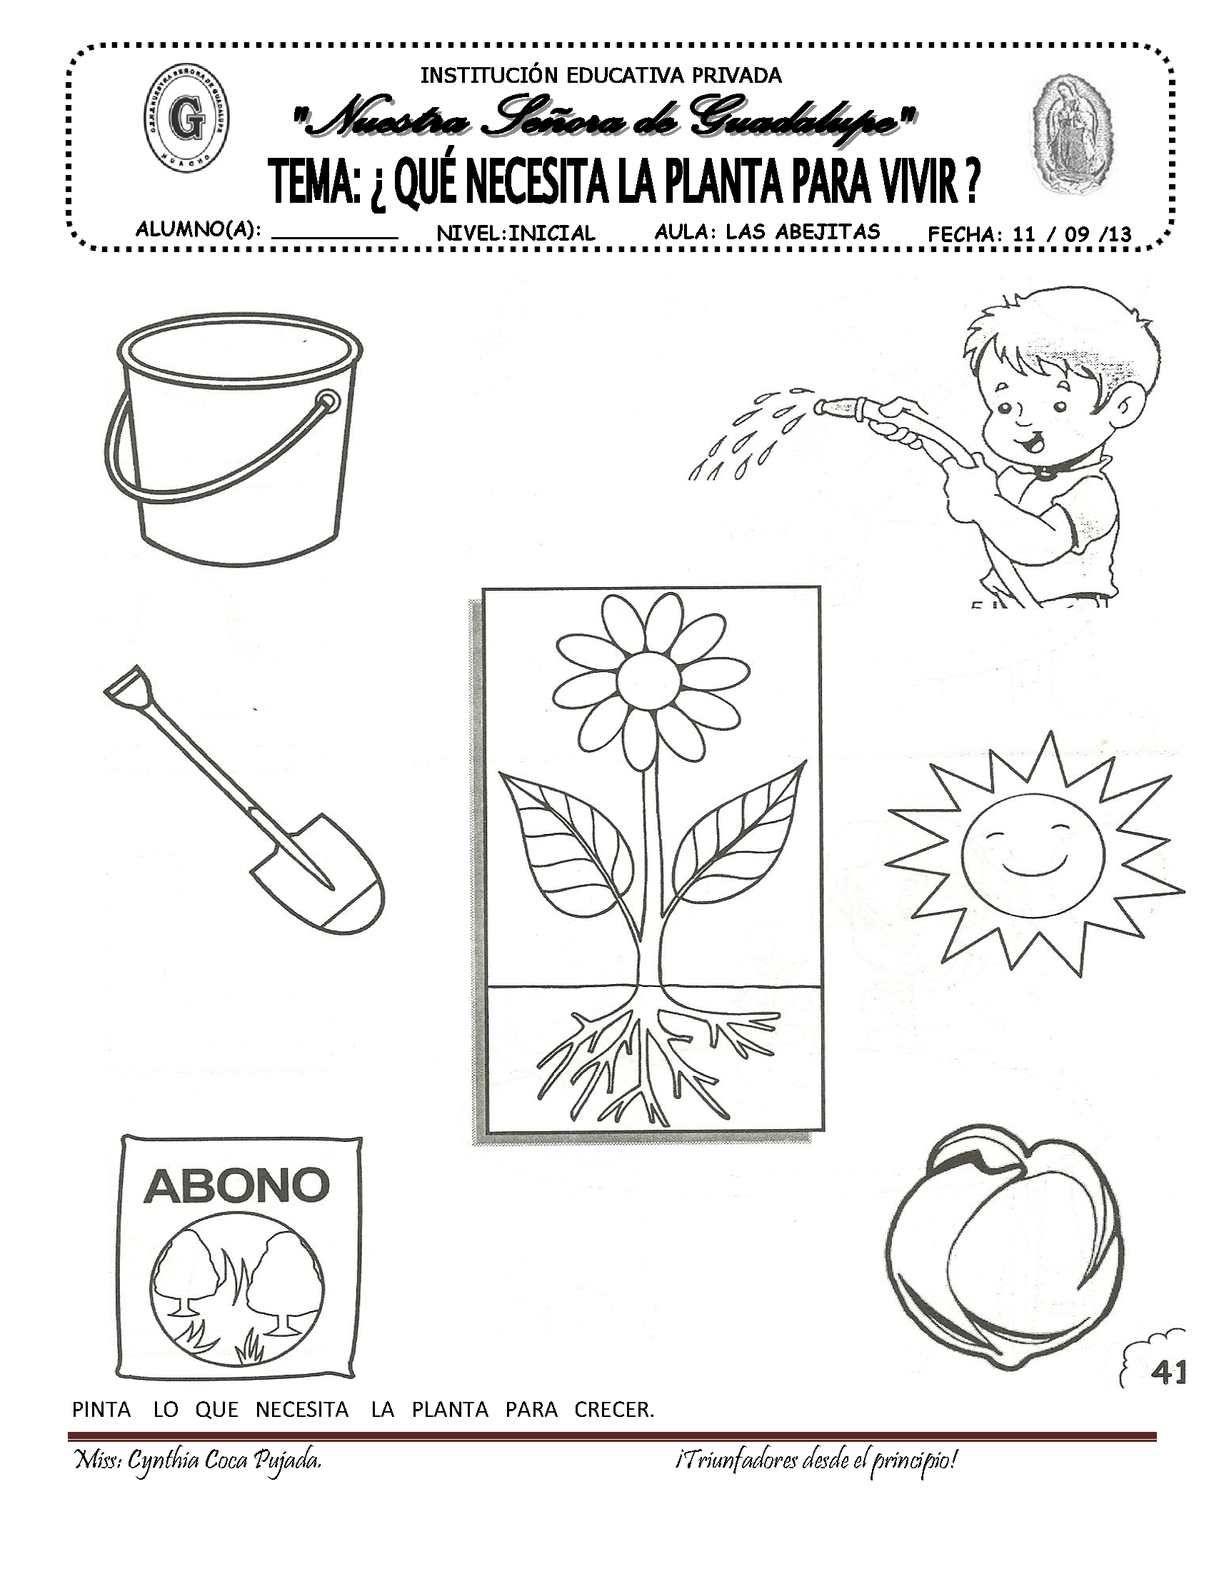 Guias De Trabajo Del 09 Al 13 De Setiembre Calameo Downloader En 2020 Ciclos De Vida De Las Plantas Ciencia Preescolar Ciencias De La Naturaleza